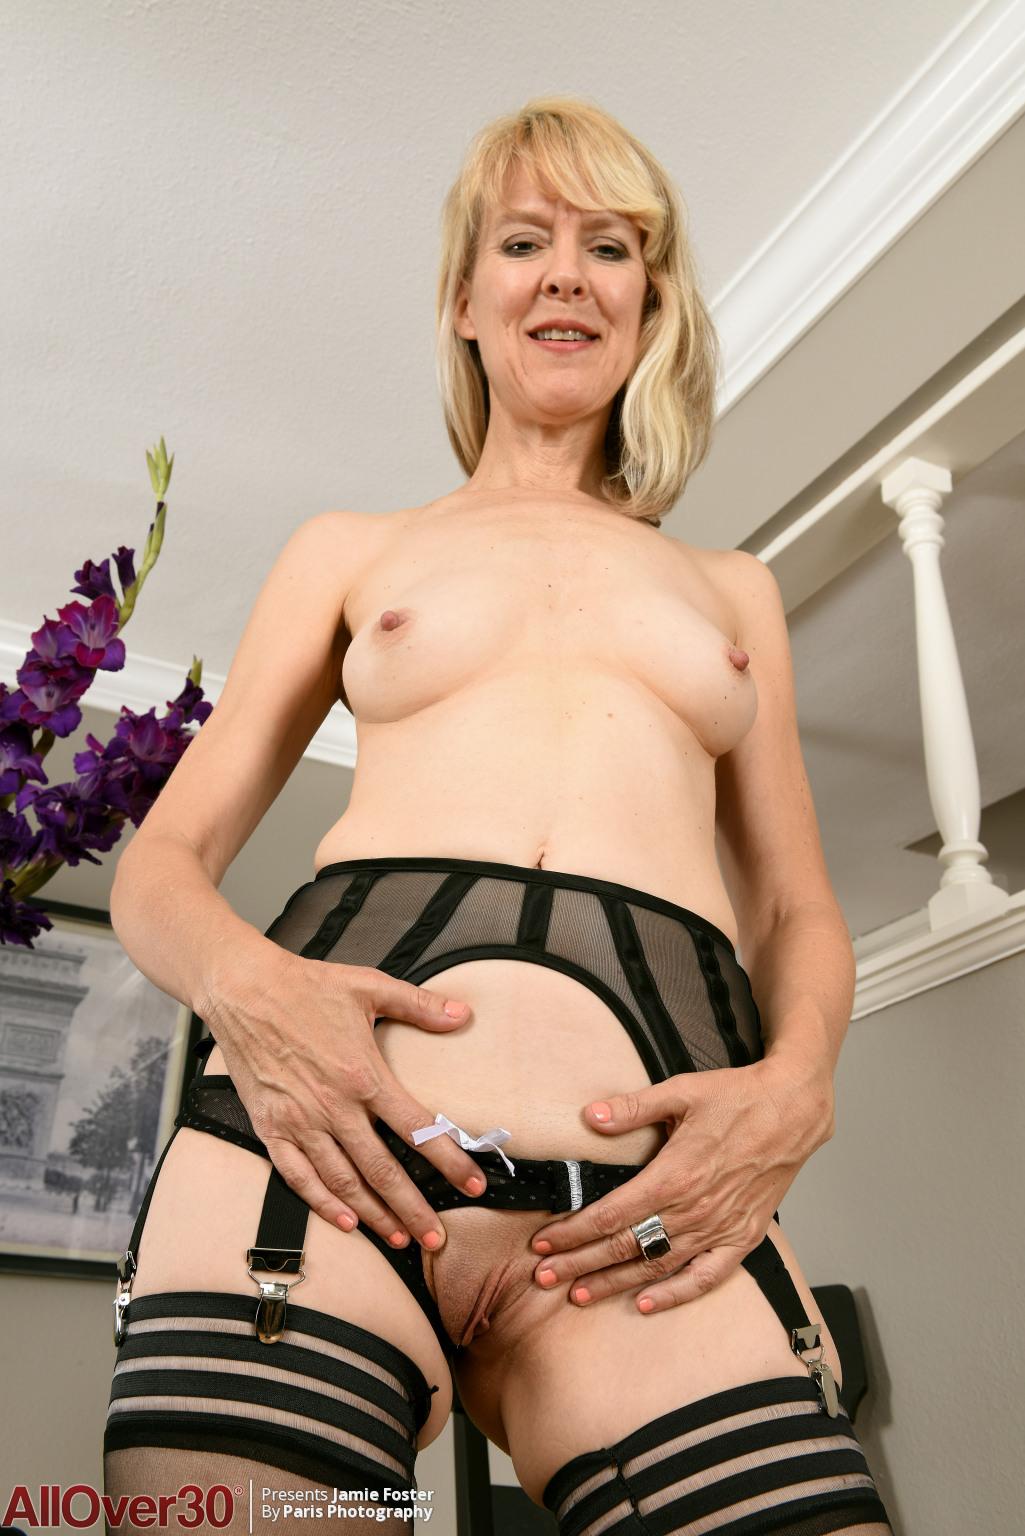 jamie-foster-sexy-stockings-09